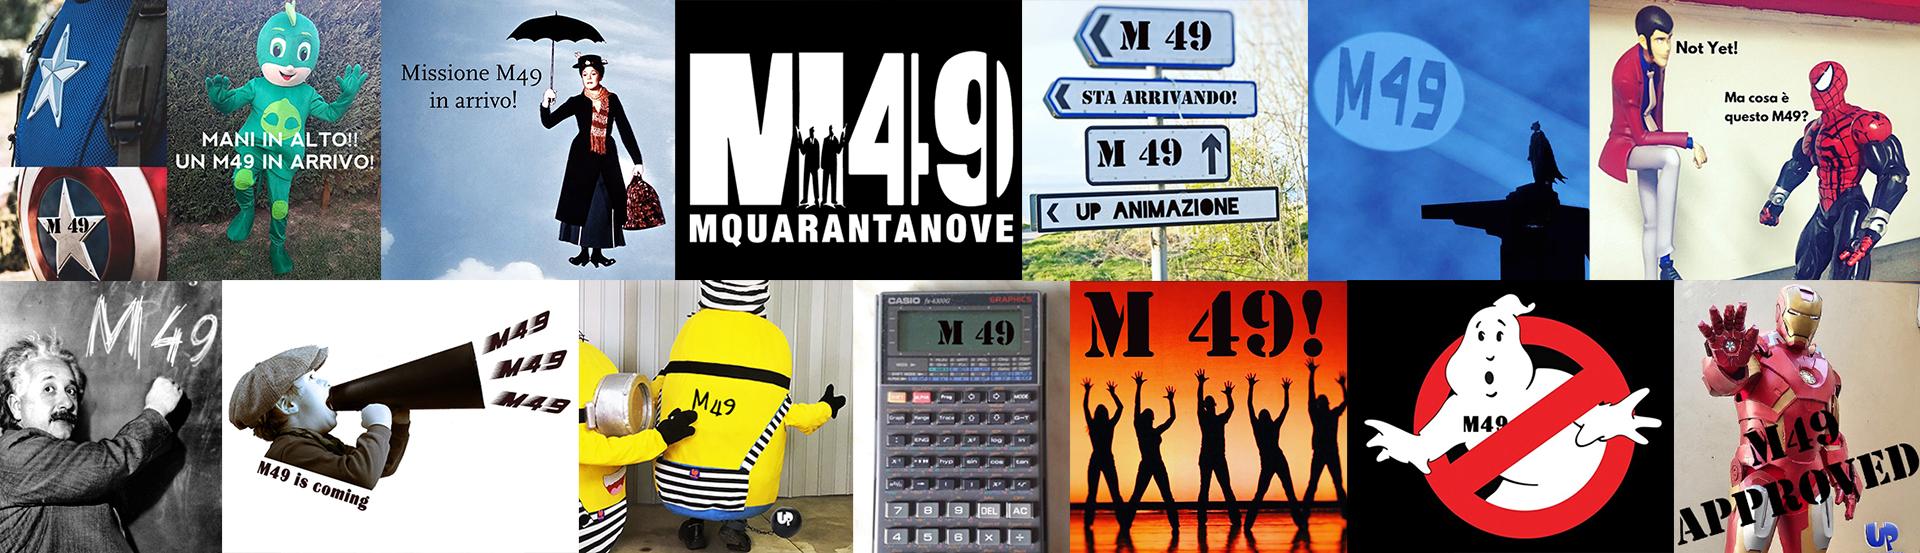 m49 up animazione